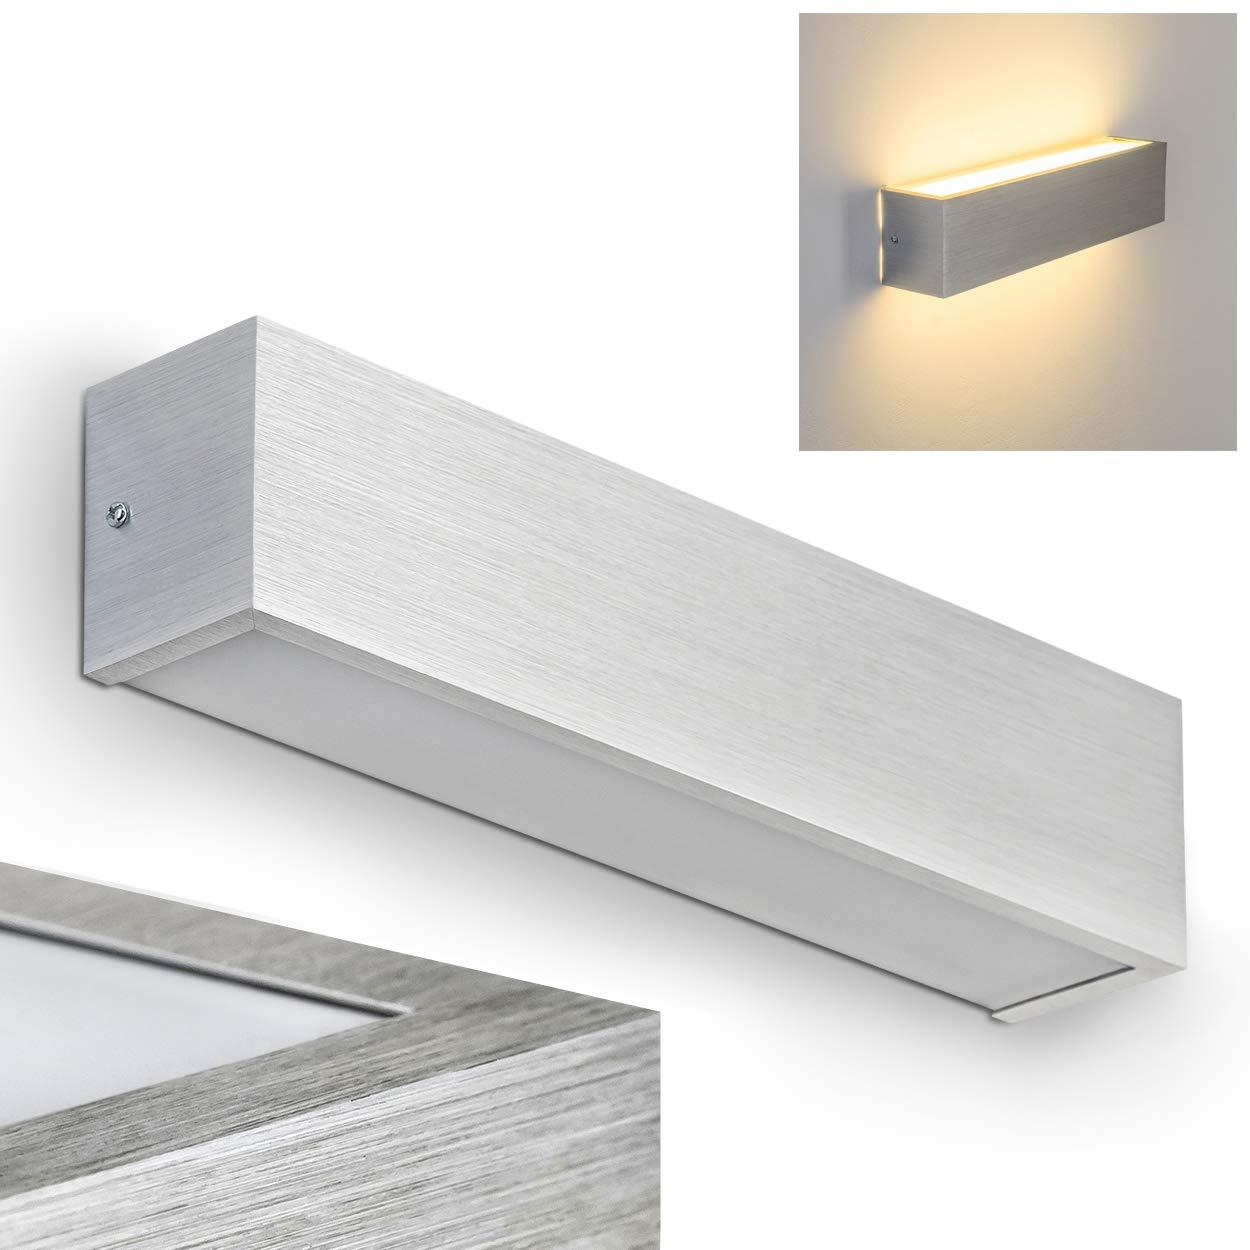 LED Wandleuchte Up & Down - Wand Lampe mit Olbia mit Lampe fest eingebauten LED Leuchtmitteln 840 Lumen 3000 Kelvin - Wandstrahler mit warmweißem Licht - Geeignet als Wand Strahler LED für die Küche a1b0a7